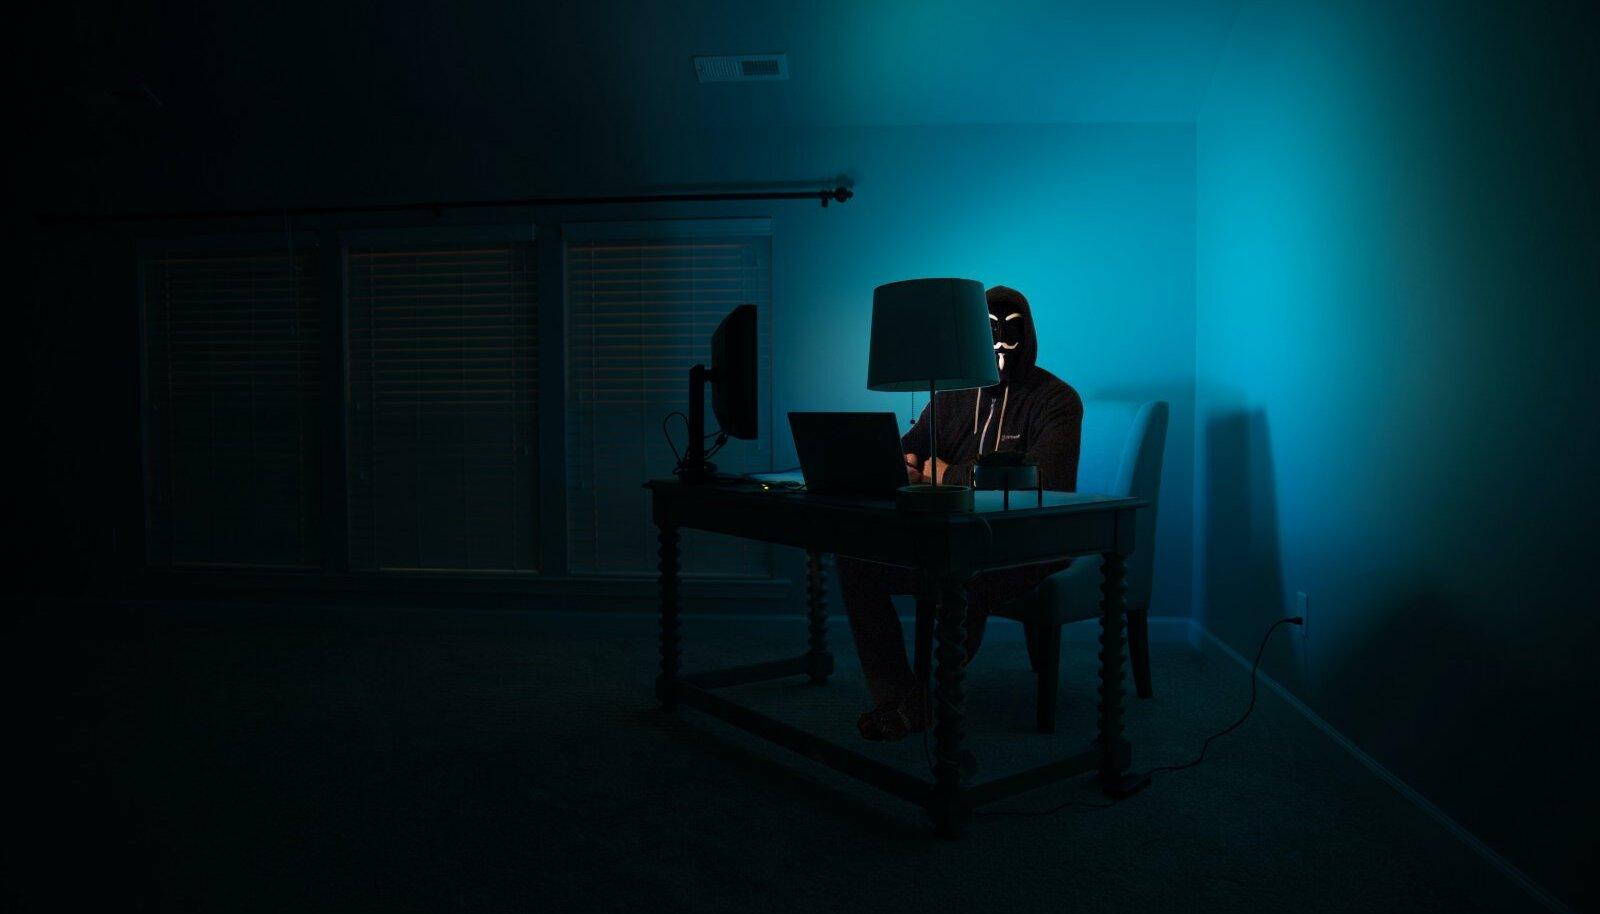 (Foto: Unsplash.com / Clint Patterson)